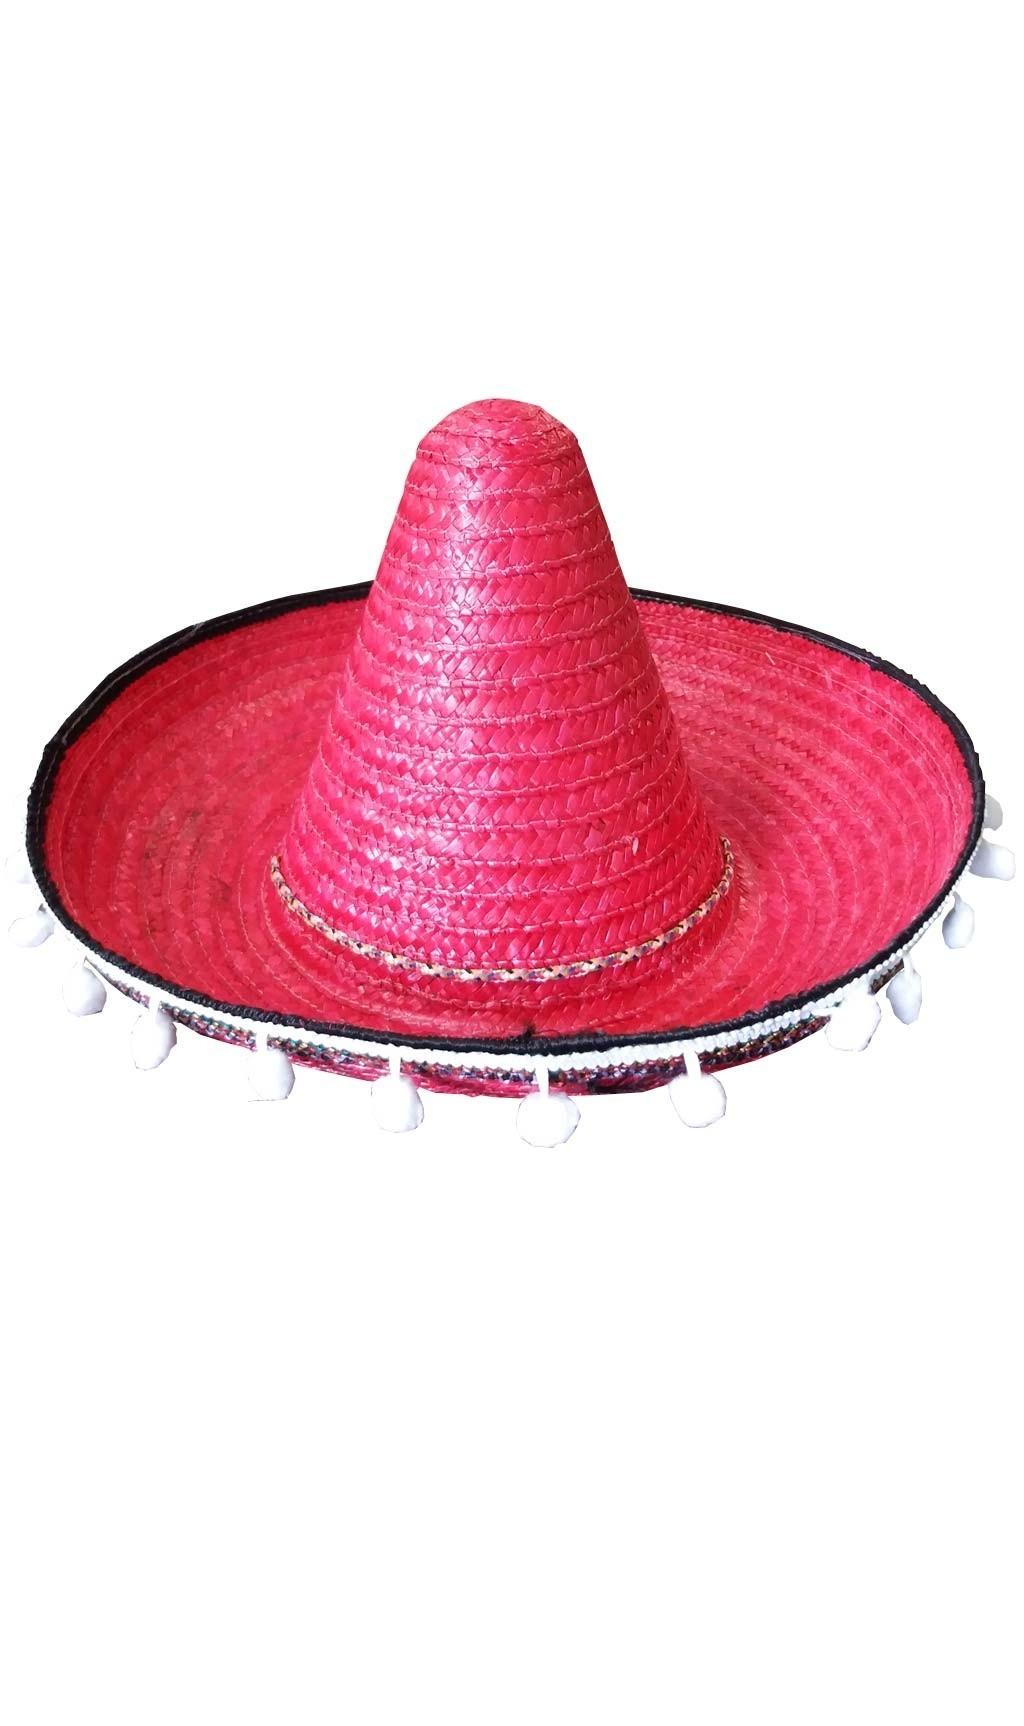 Sombrero mexicano de paja. Incluye sombrero mexicano completo para tu  disfraz de Mexico lindo. 6df35bd5efa